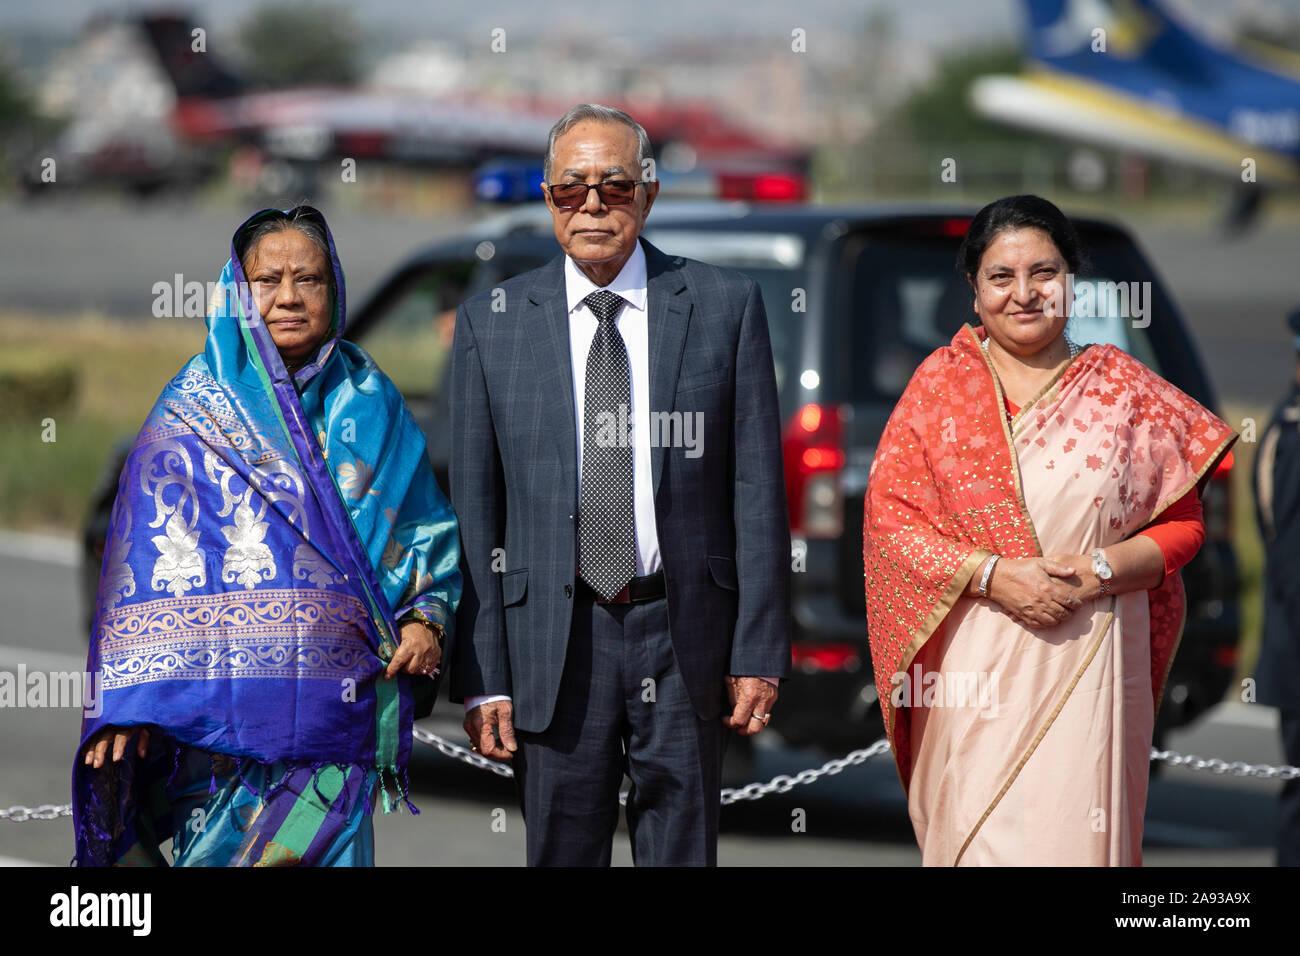 Kathmandu, Nepal. Xii Nov, 2019. Presidente del Bangladesh Abdul Hamid (c) e Presidente del Nepal Bidhya Devi Bhandari (R) e la first lady del Bangladesh Rashida Hamid(L) posa per una foto al loro arrivo presso l'aeroporto internazionale di Tribhuvan di Kathmandu il 12 novembre 2019 (foto di Prabin Ranabhat/Pacific Stampa) Credito: Pacific Press Agency/Alamy Live News Foto Stock